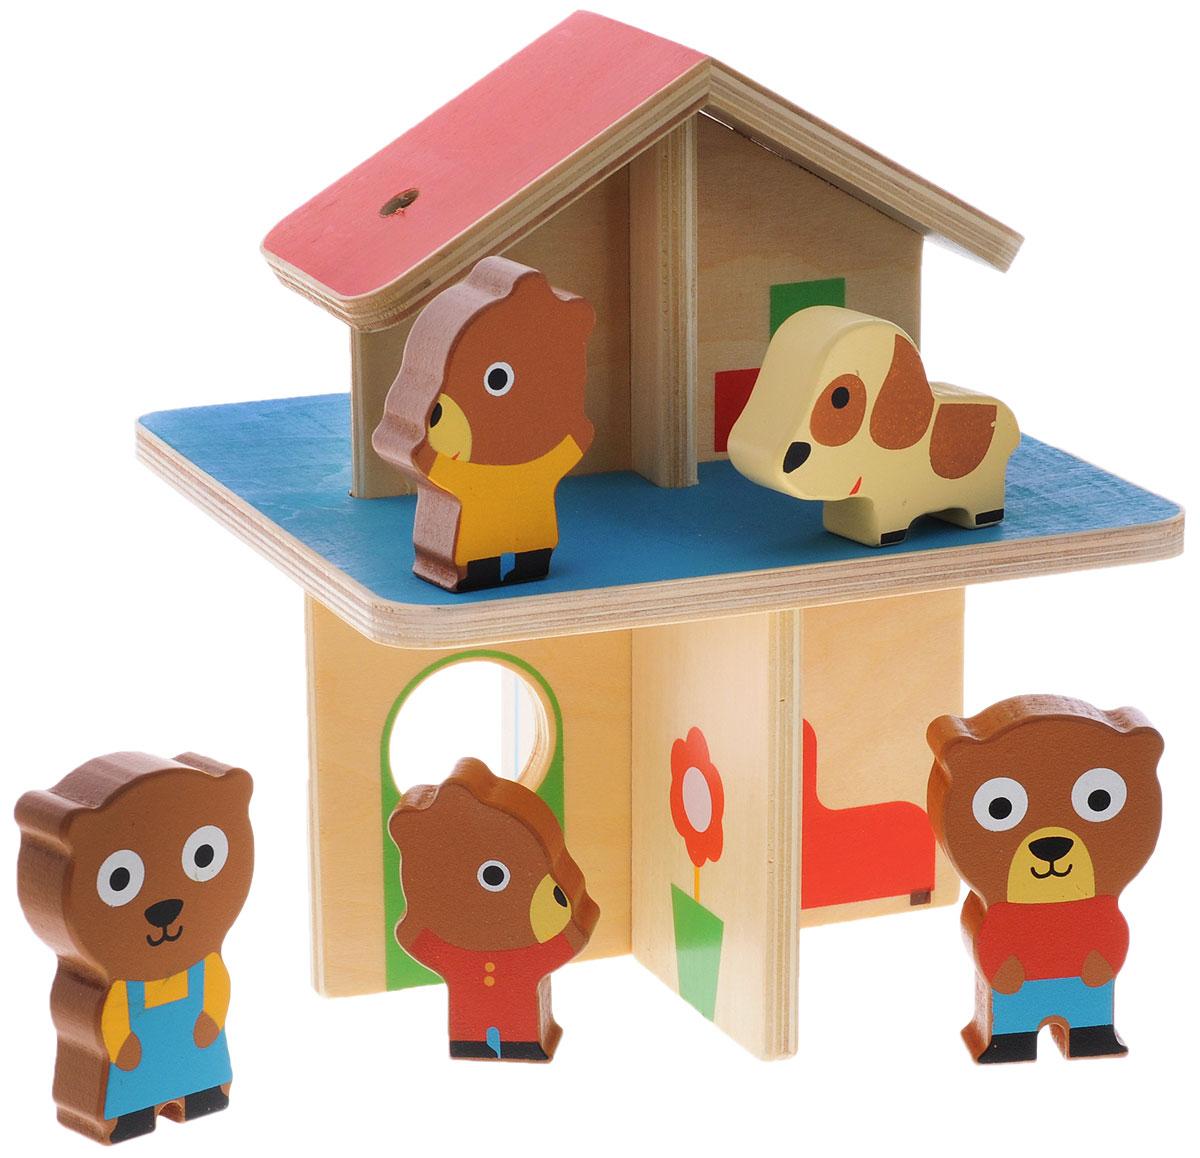 Djeco Развивающая игрушка Мини-дом развивающая игрушка набор для творчества танк